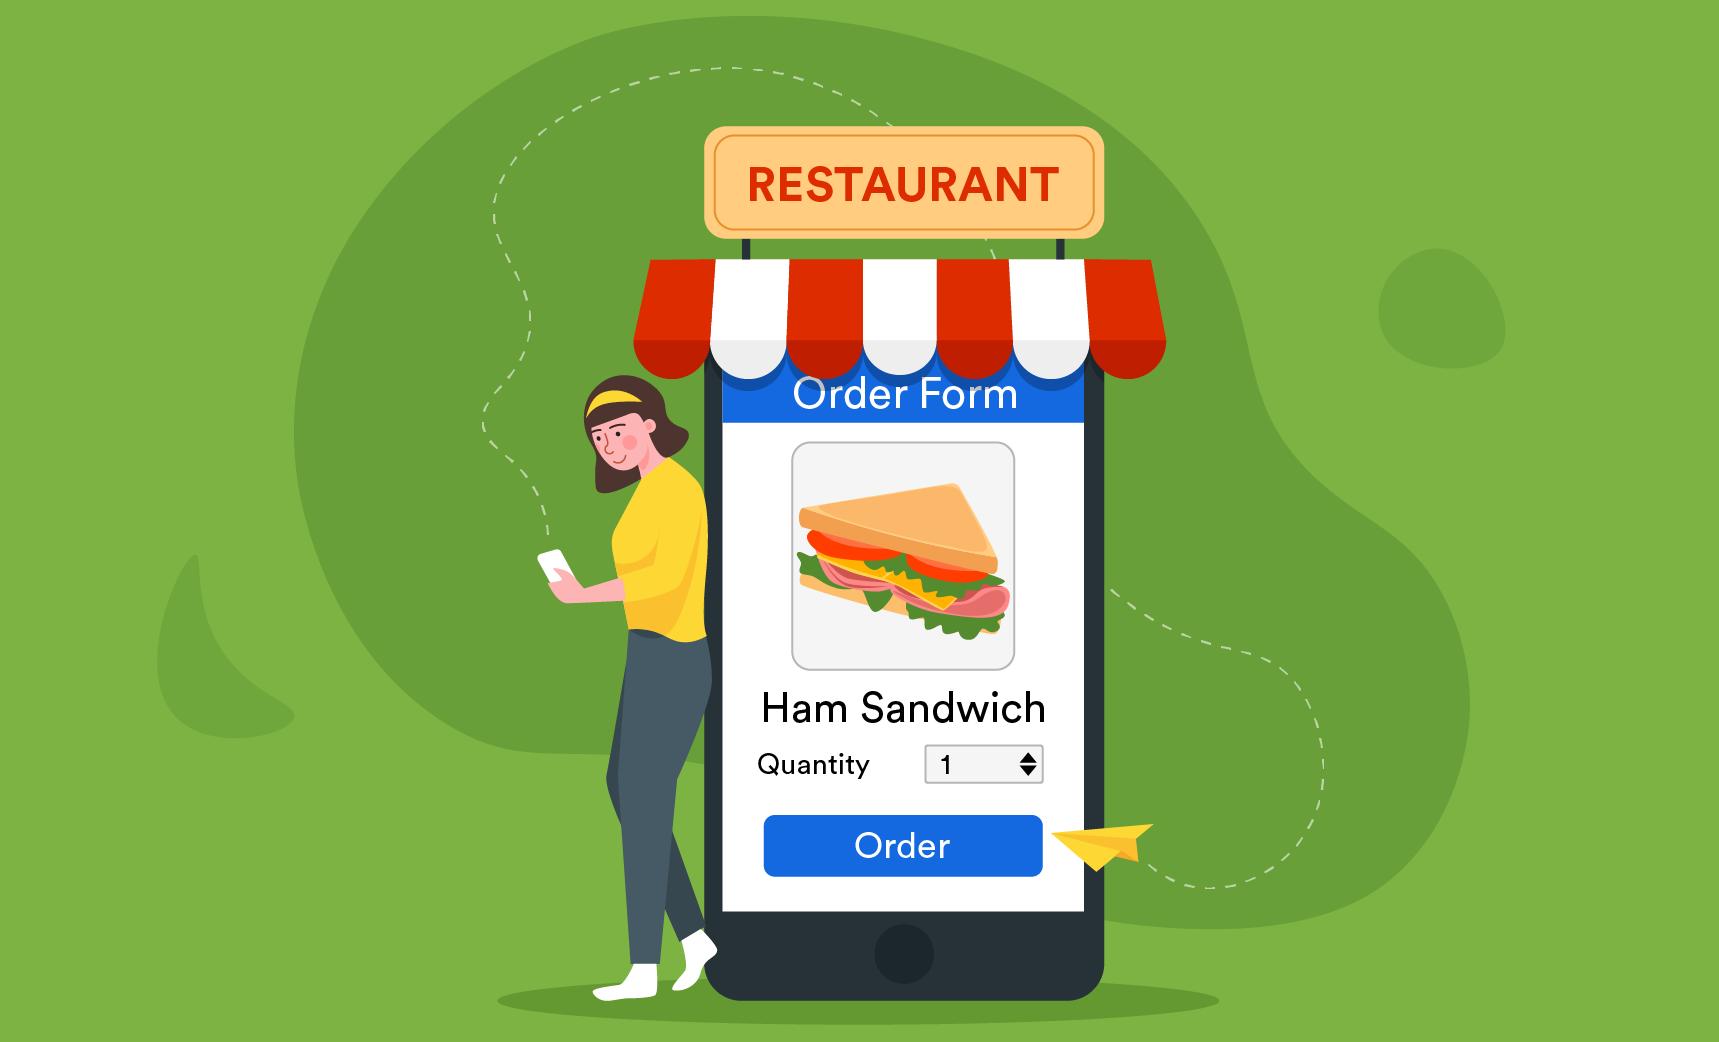 8 benefits of online ordering for restaurants